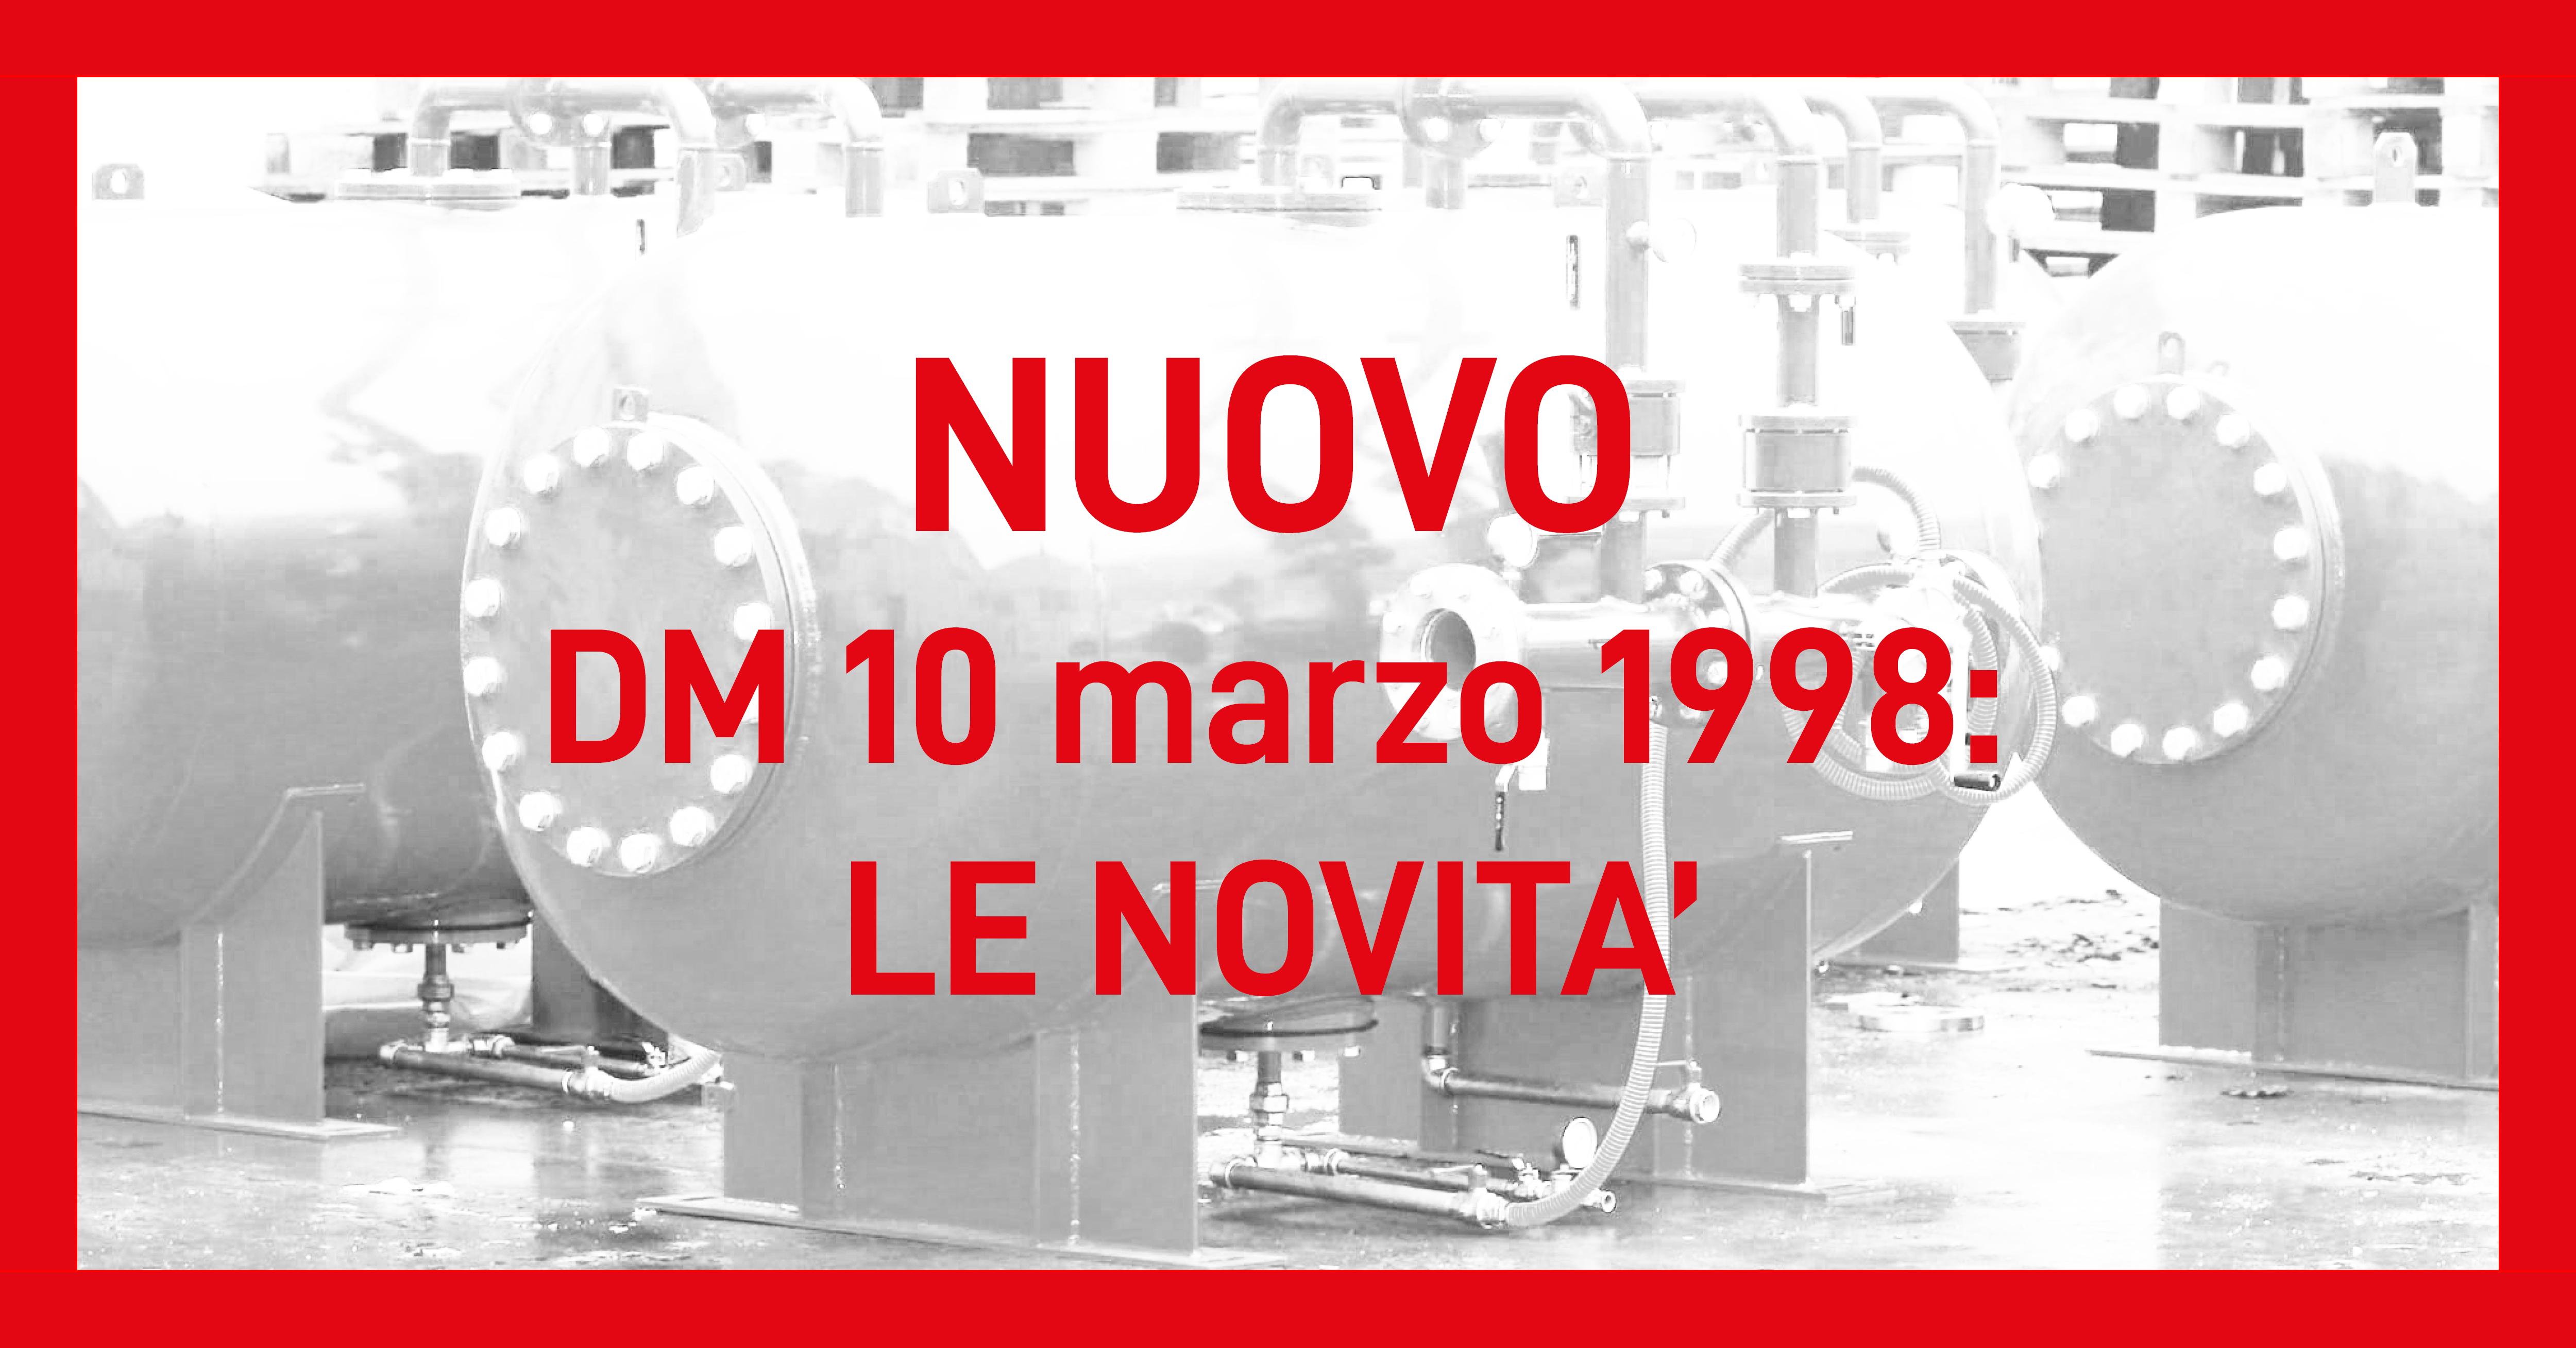 nuovo DM 10 marzo 1998